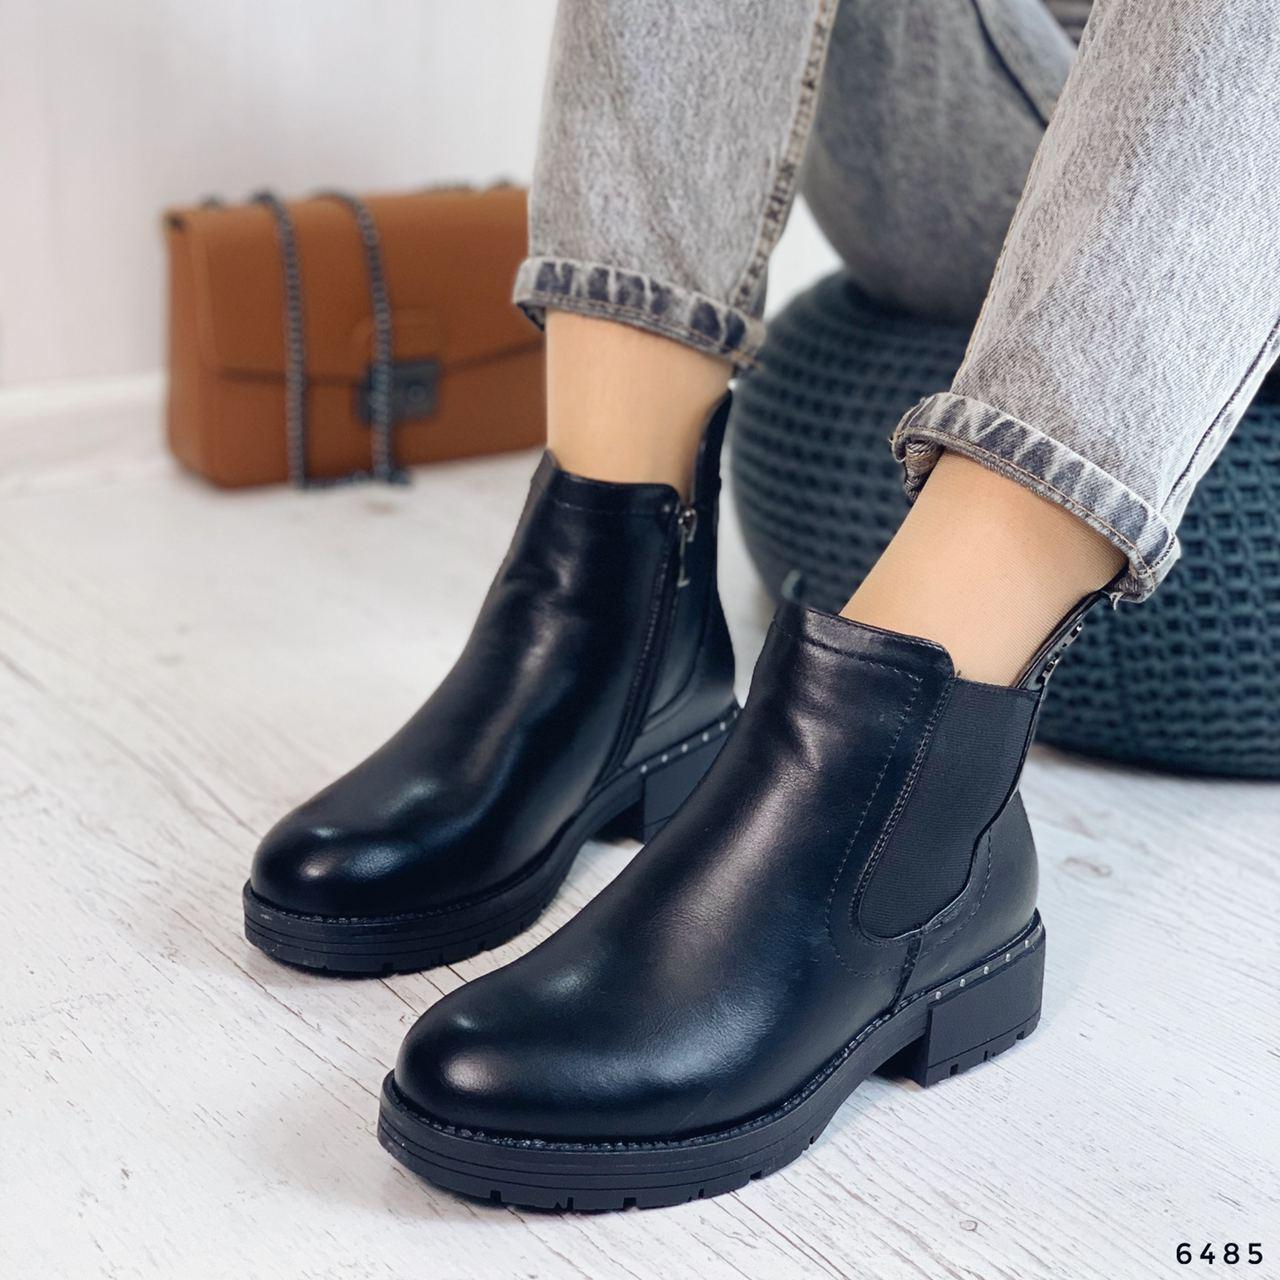 Ботинки женские черные, зимние из эко кожи. Черевики жіночі теплі чорні з еко шкіри